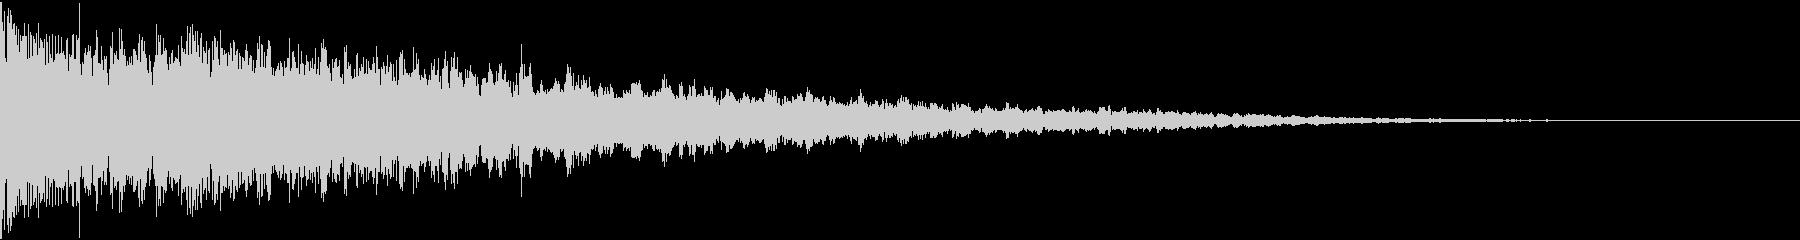 ドンとバン:都市伝説などのテロップ時3の未再生の波形